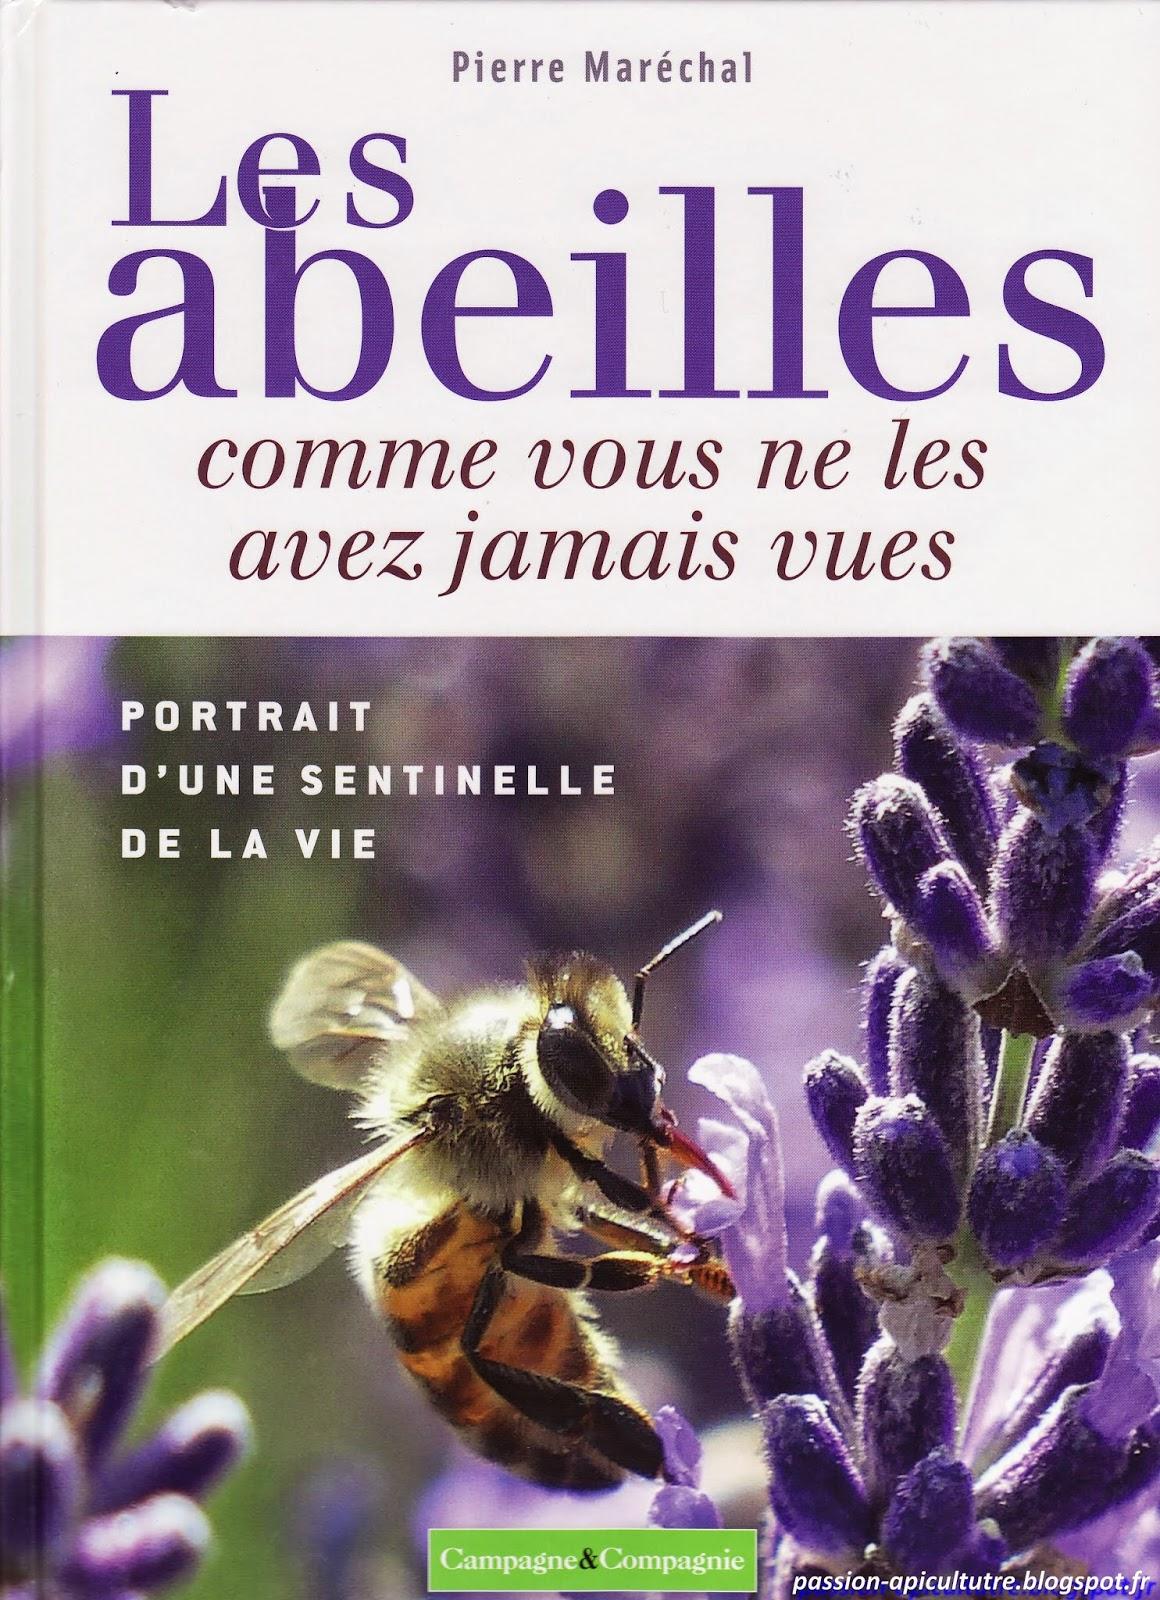 Passion apiculture le blog de l 39 abeille pat novembre 2014 - Livraison chronopost le samedi ...